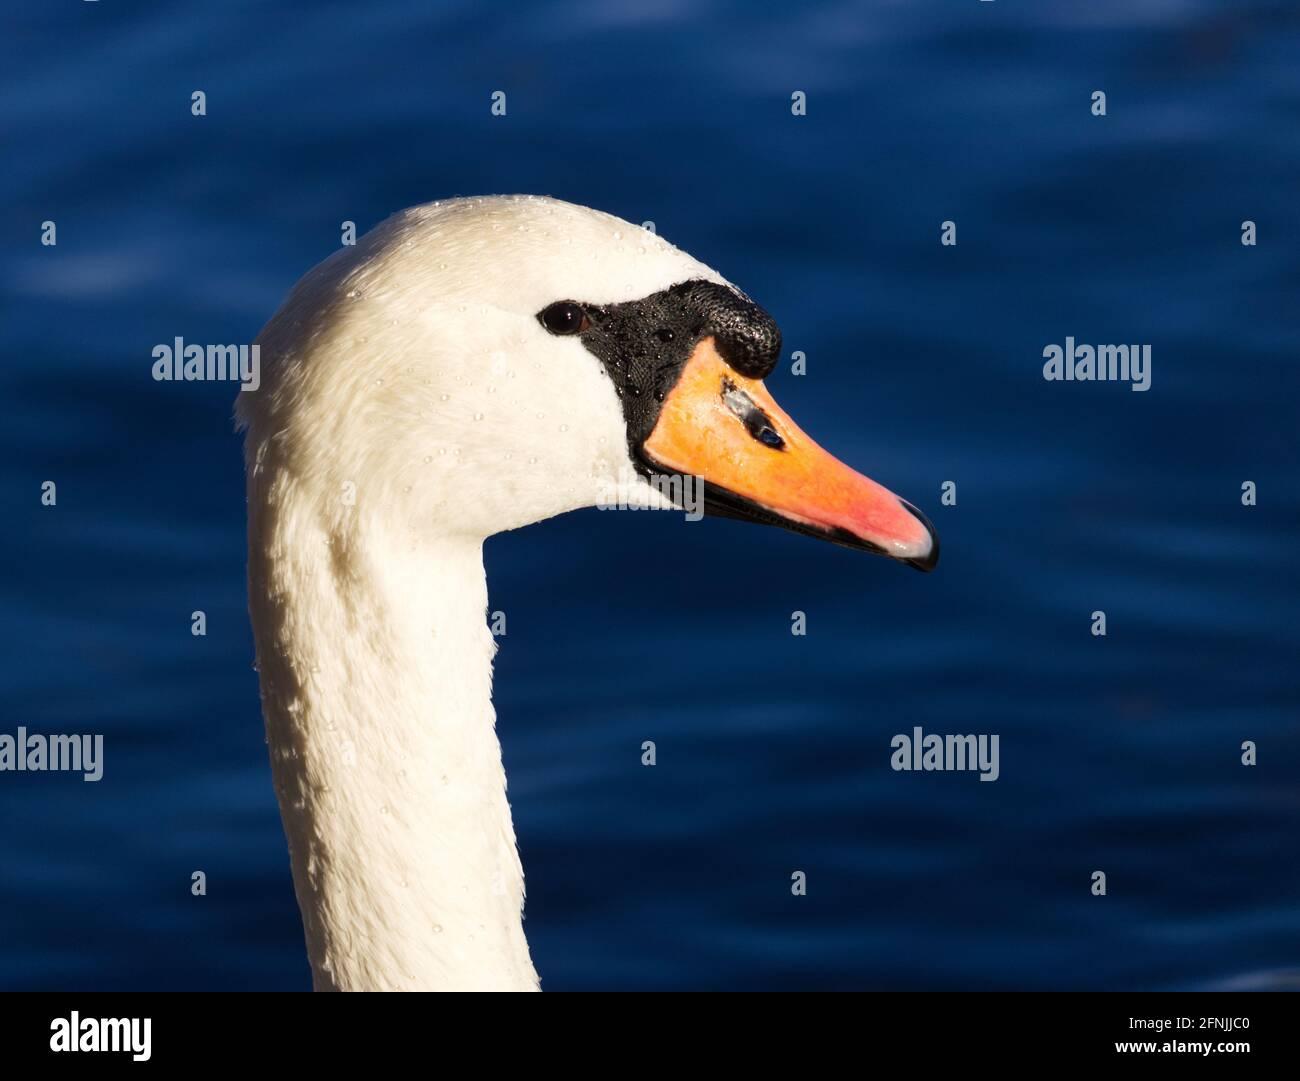 Für profilbild bilder Tipps und